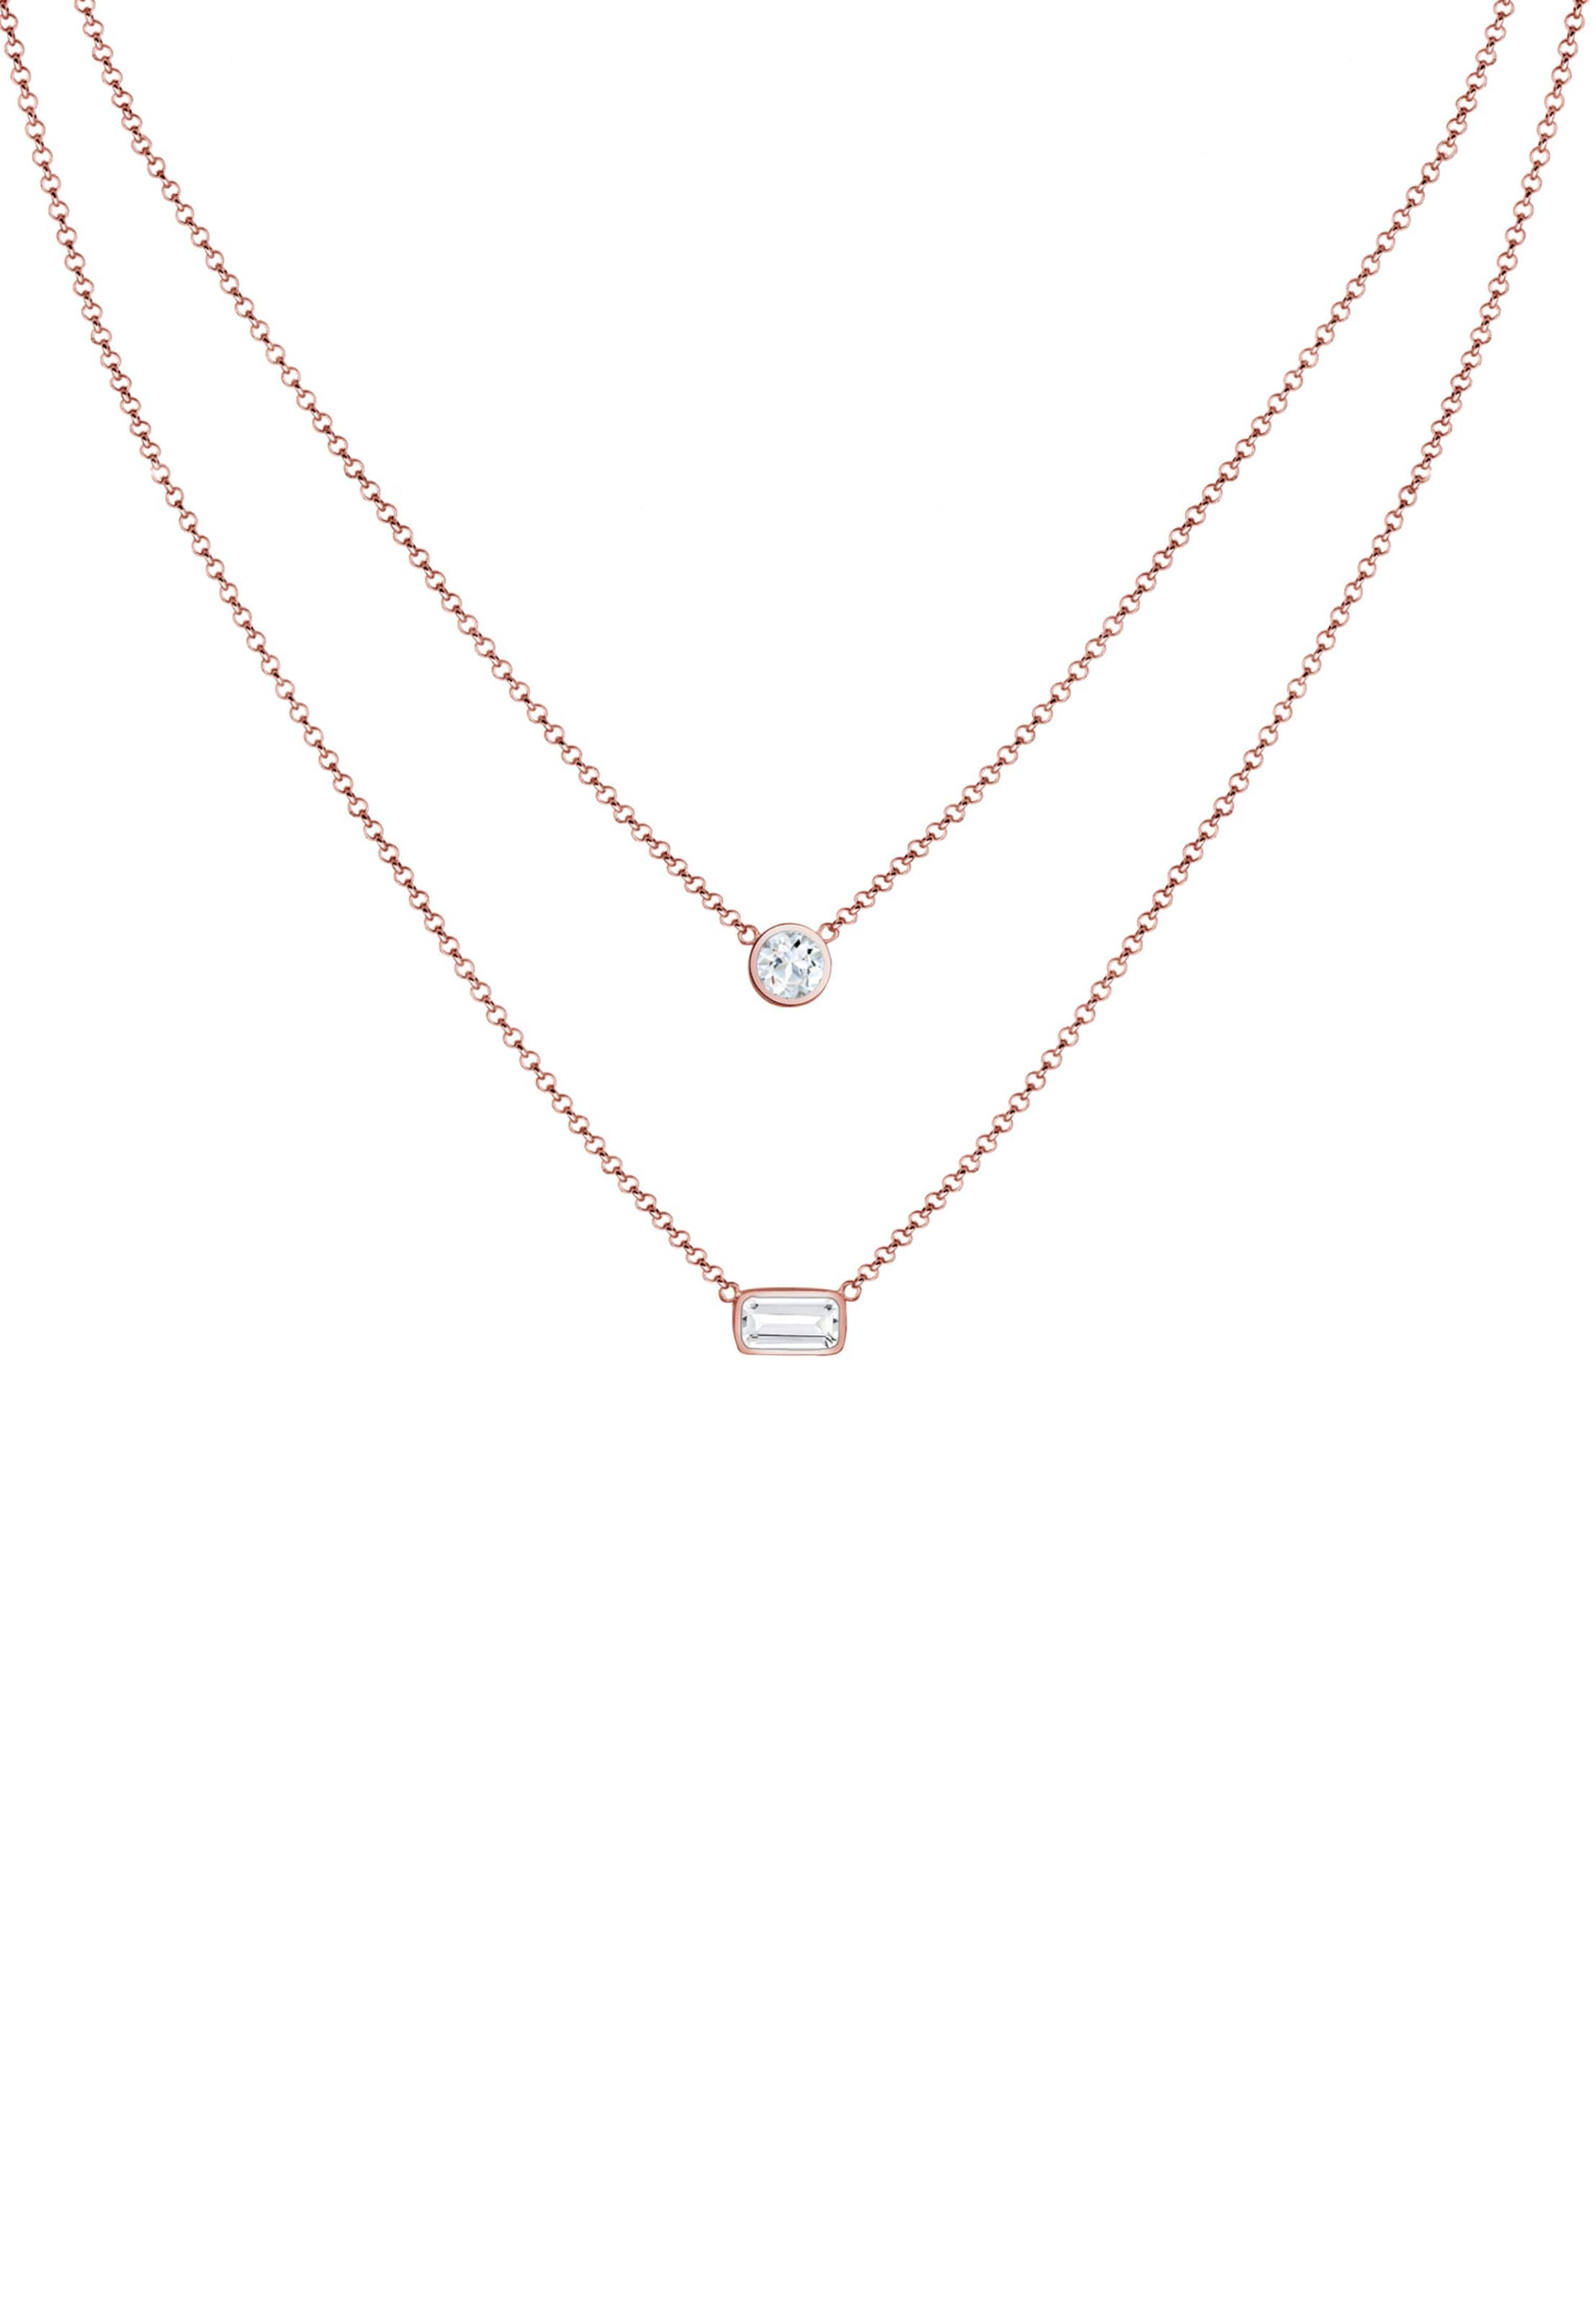 Halskette Premium In Halskette In Premium Elli RosegoldWeiß Elli e2D9WIYEHb